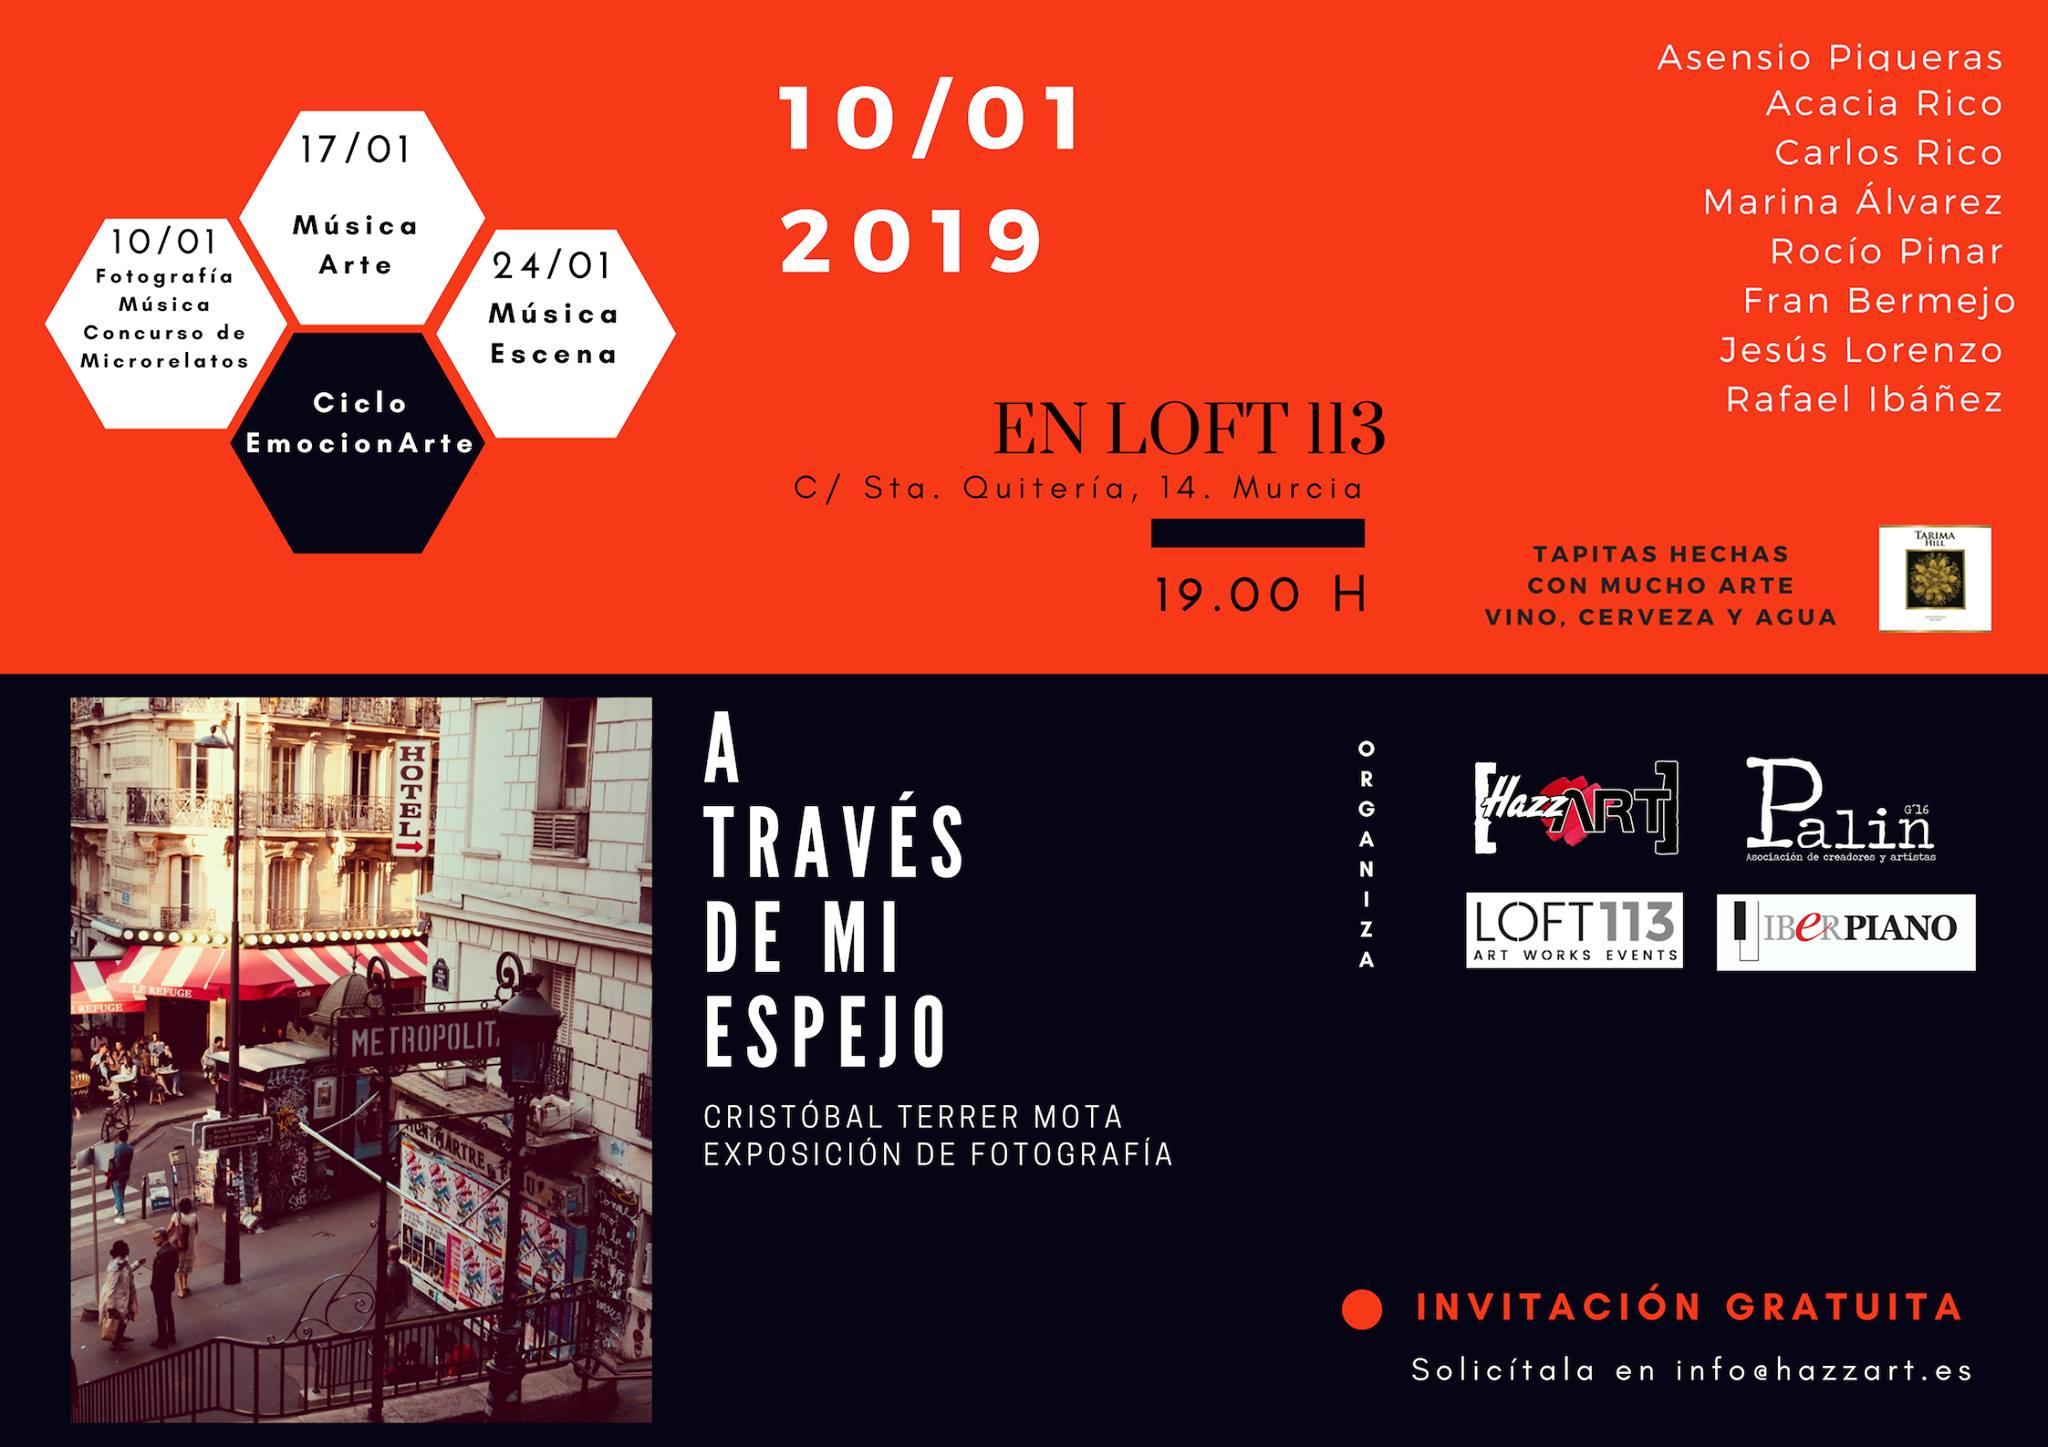 Exposición fotográfica Cristóbal Terrer